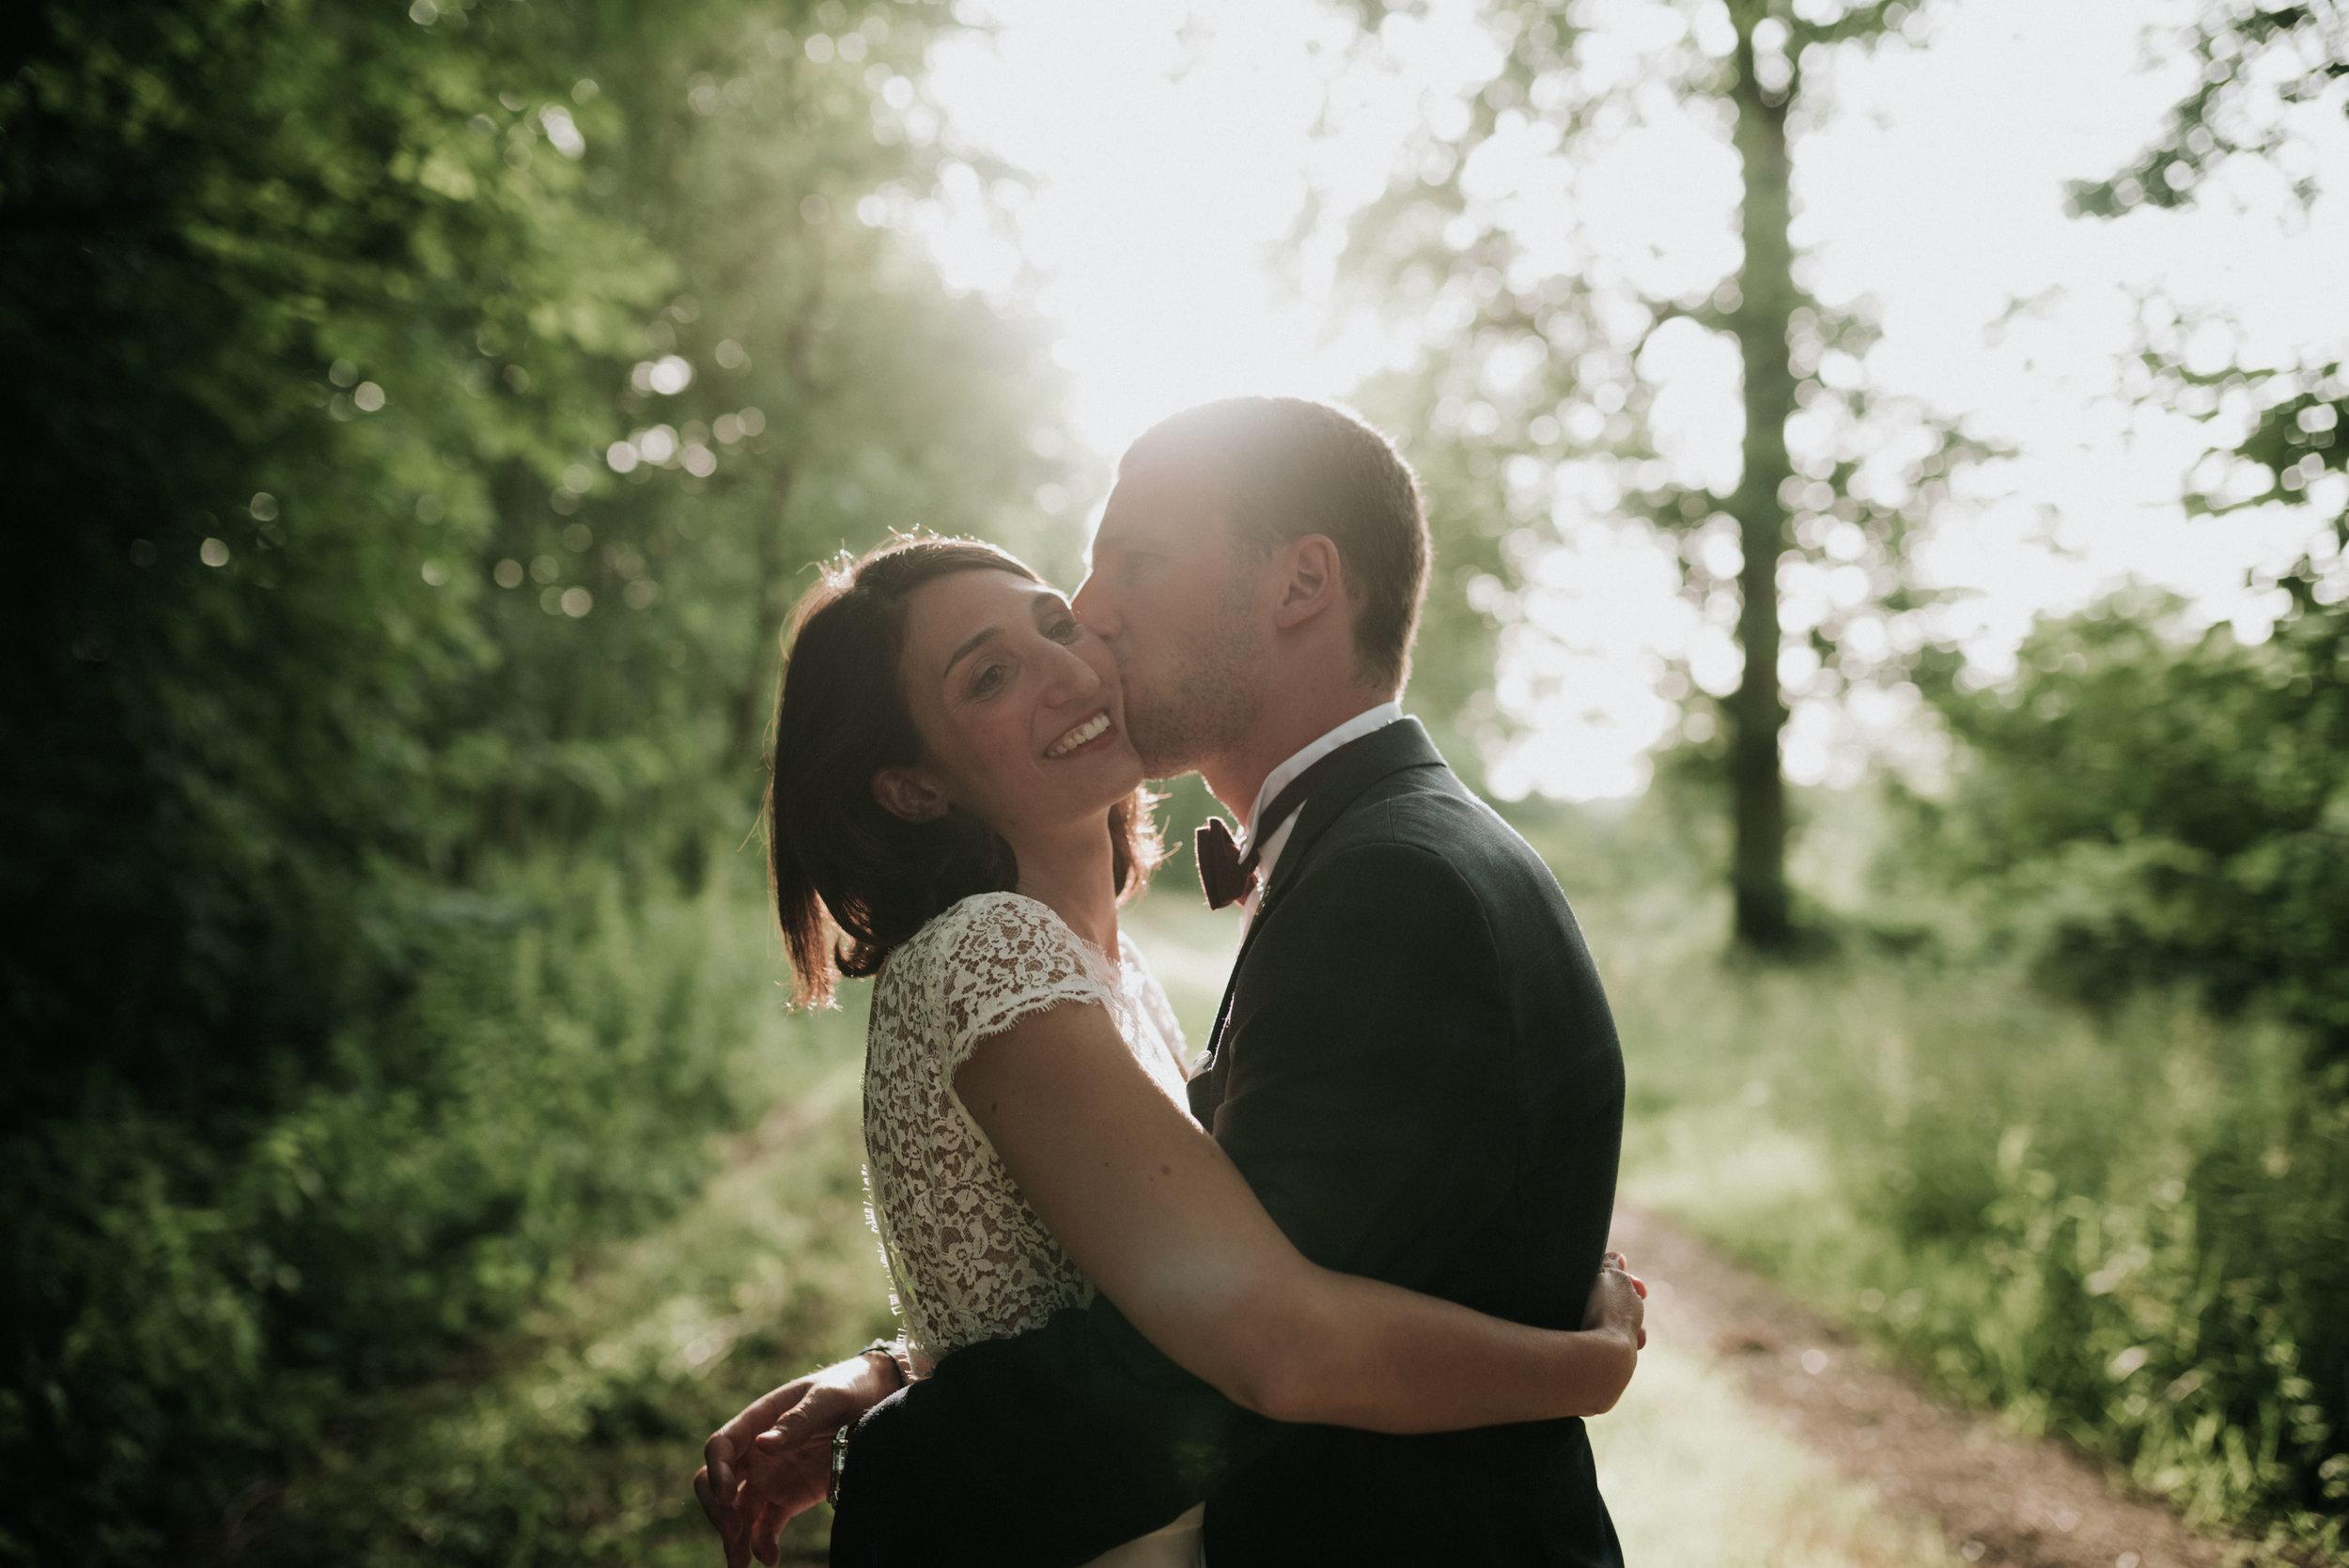 Léa-Fery-photographe-professionnel-lyon-rhone-alpes-portrait-creation-mariage-evenement-evenementiel-famille-2-264.jpg